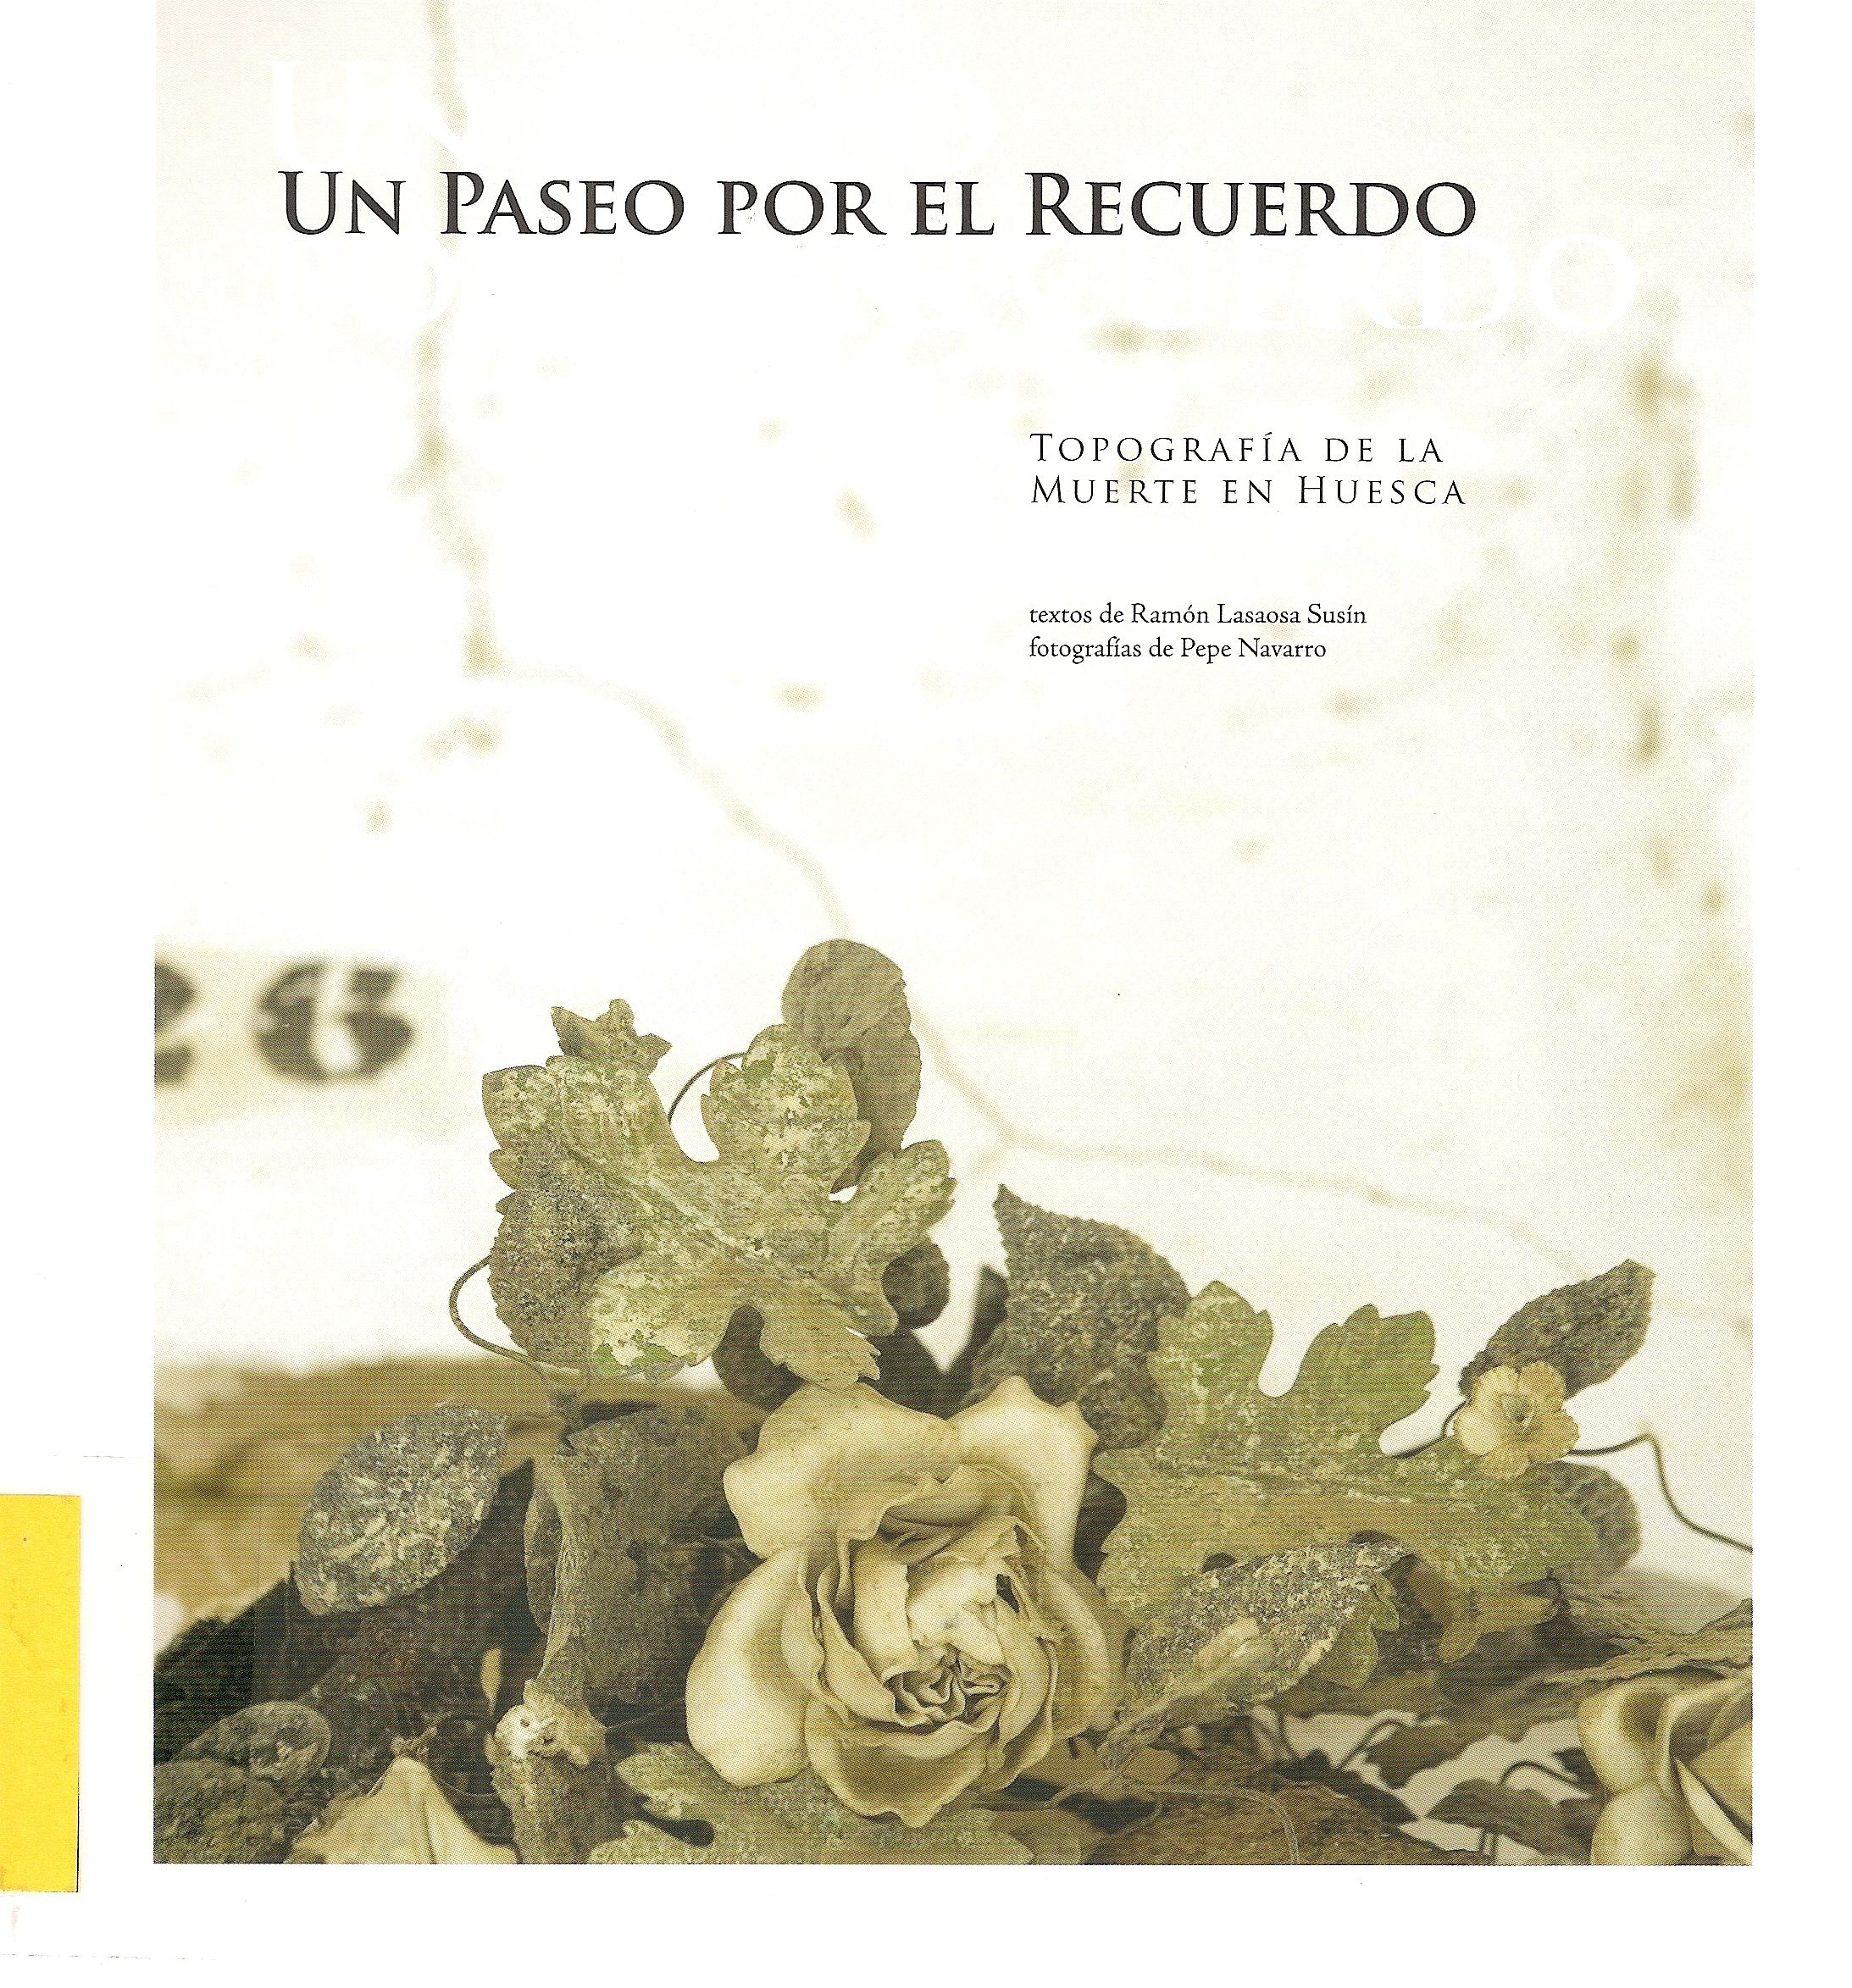 Del 1 al 8 de noviembre Un paseo por el recuerdo, un espacio para la memoria, el lugar del tiempo sin tiempo   Rafael Argullol http://roble.unizar.es/record=b1480761